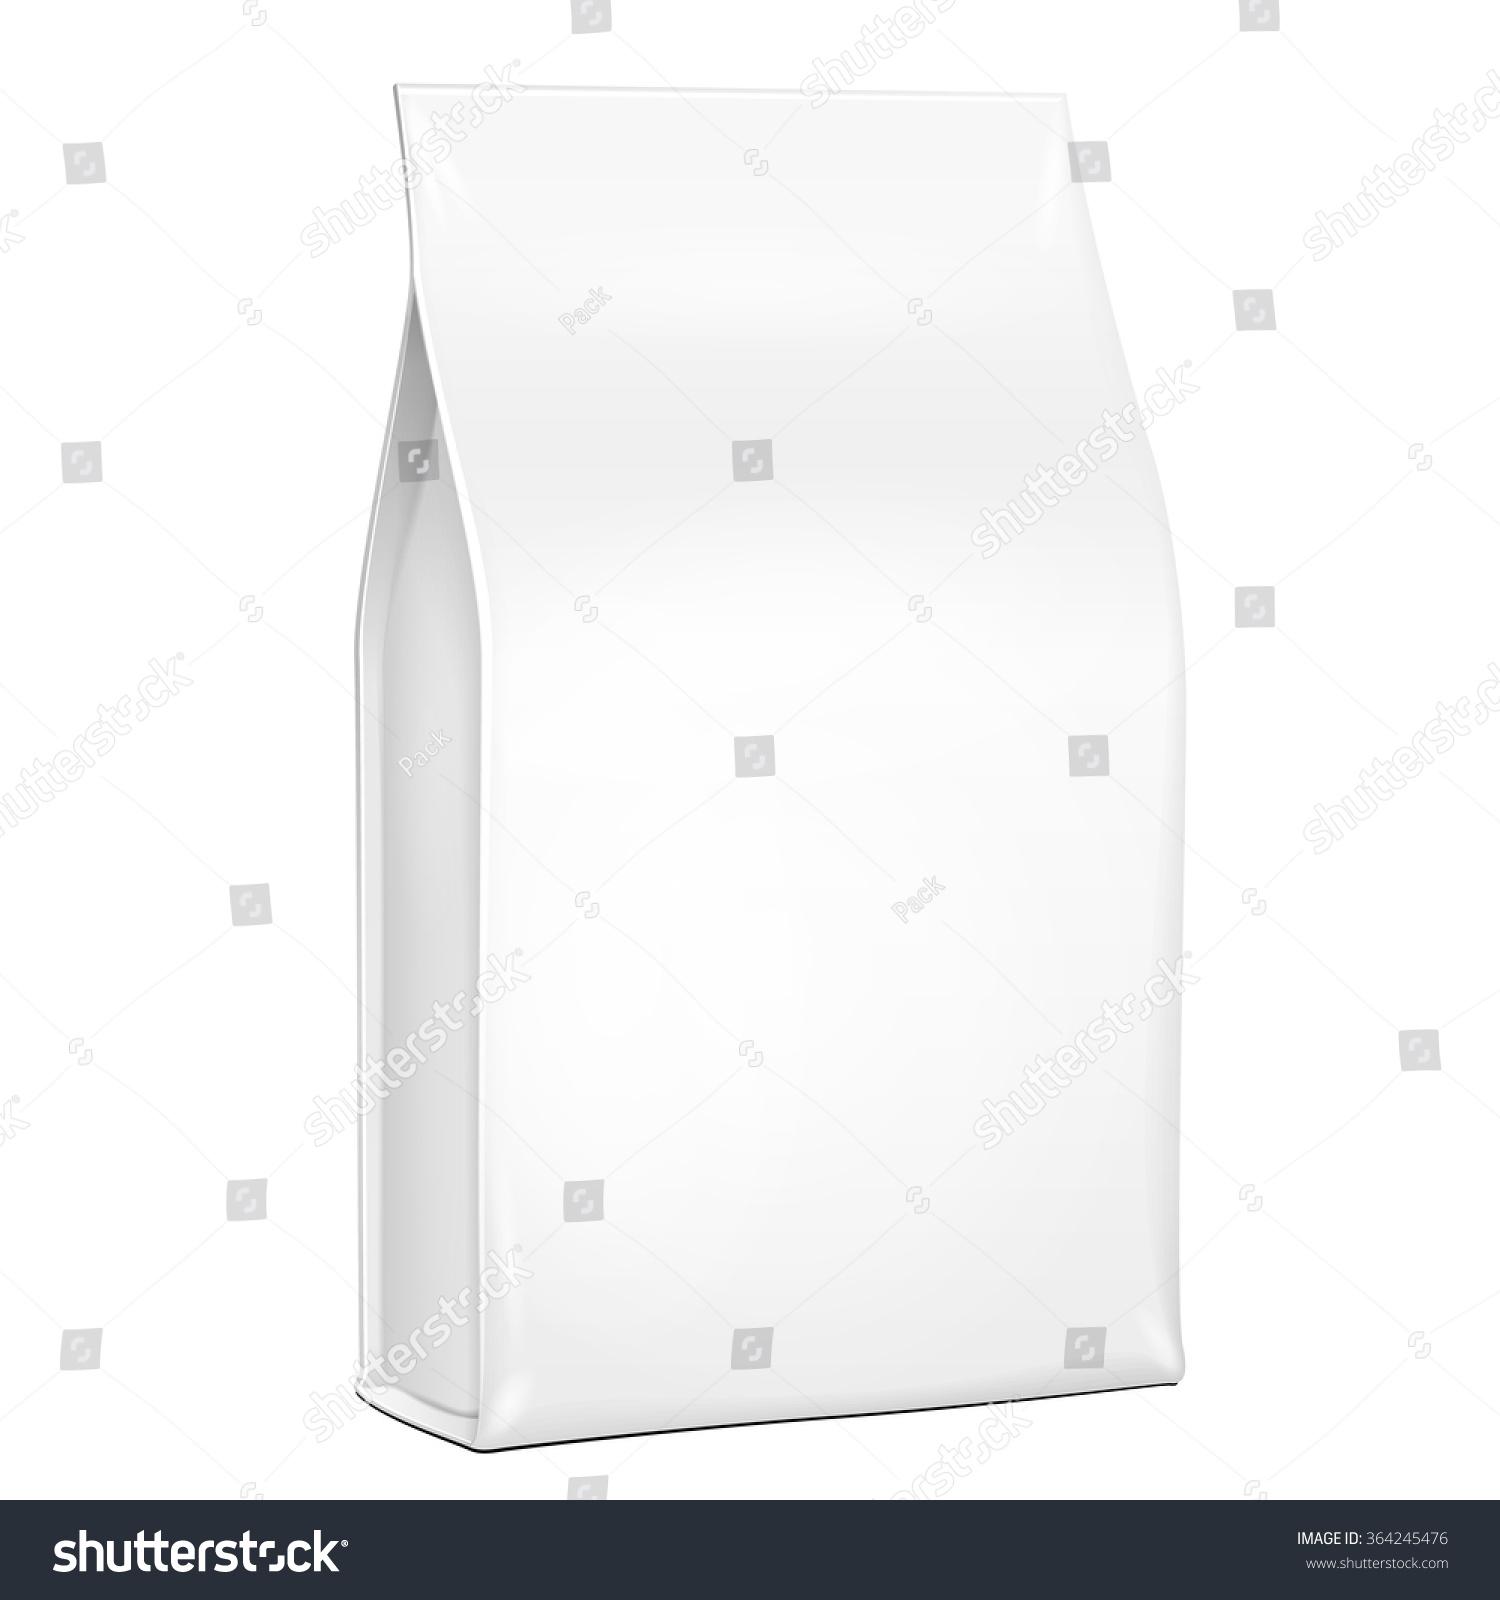 white plastic foil paper food bag stock vector 364245476 shutterstock. Black Bedroom Furniture Sets. Home Design Ideas